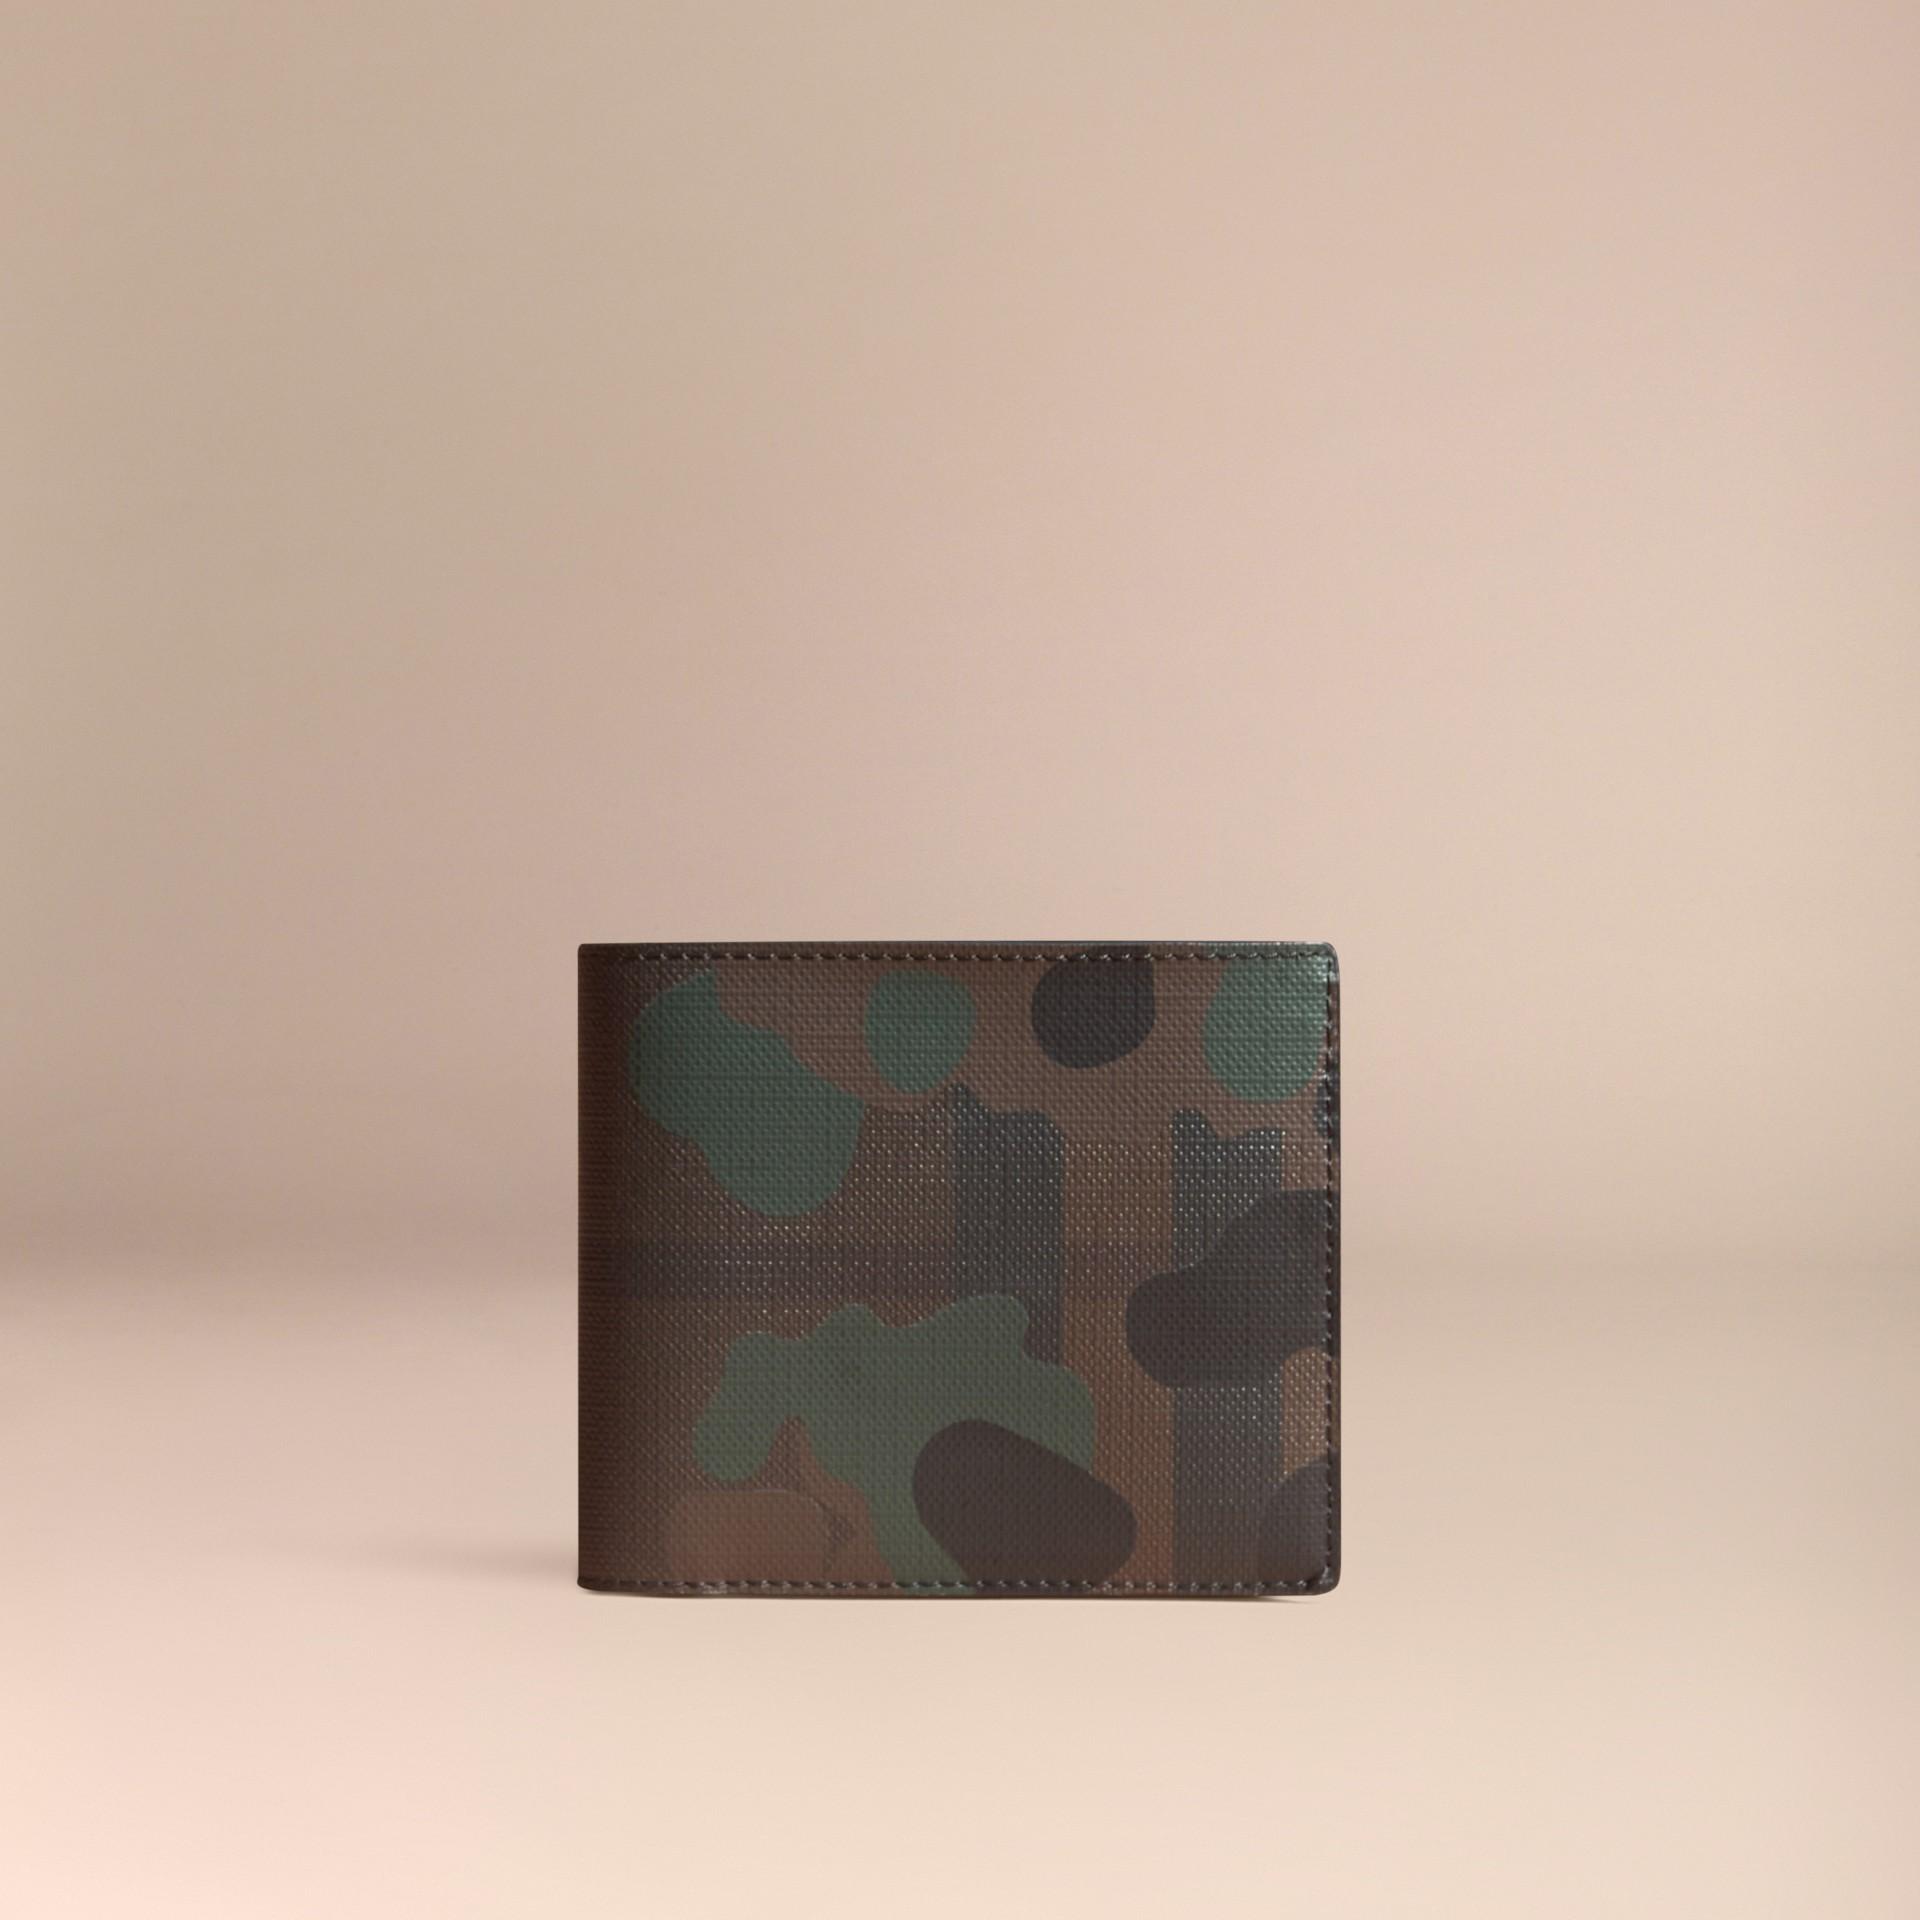 チョコレート/カモフラージュ カモフラージュ&ロンドンチェック フォールディングウォレット - ギャラリーイメージ 6